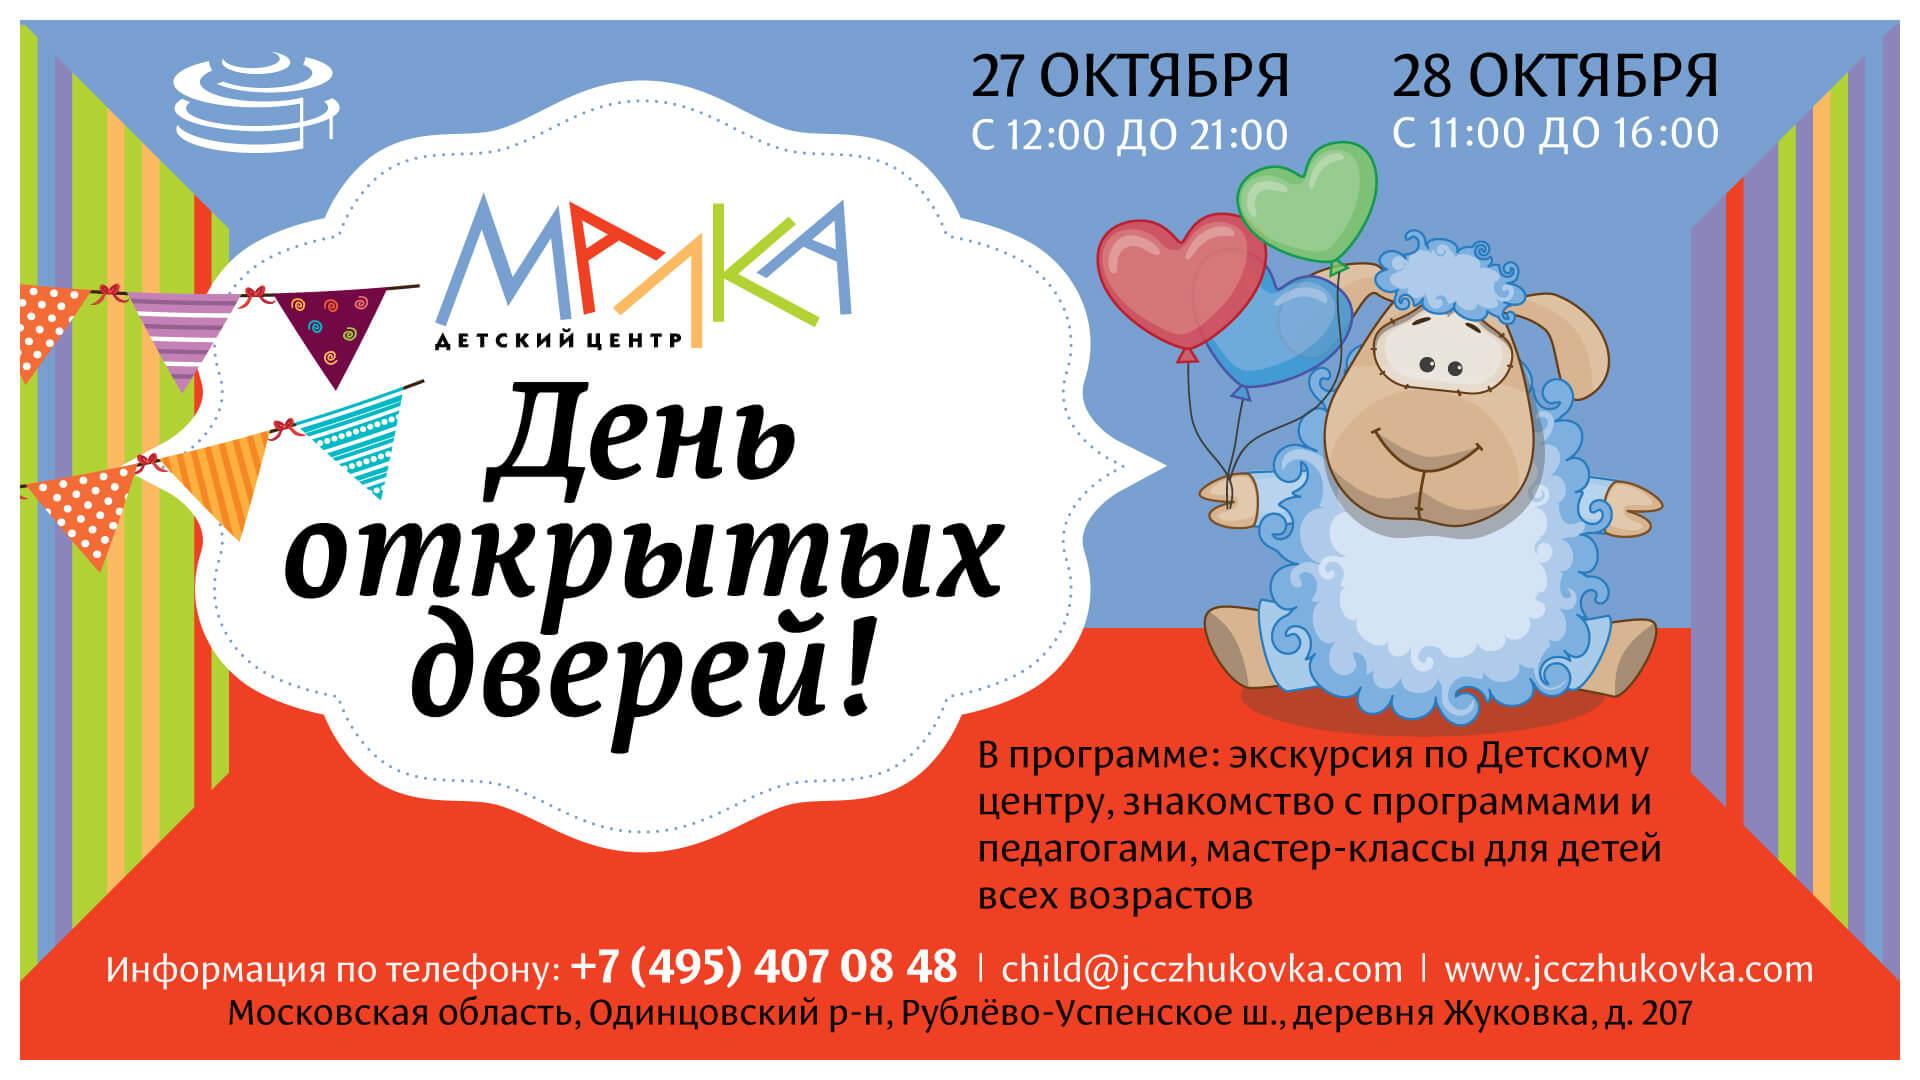 Malka_OpenDoors_Museum